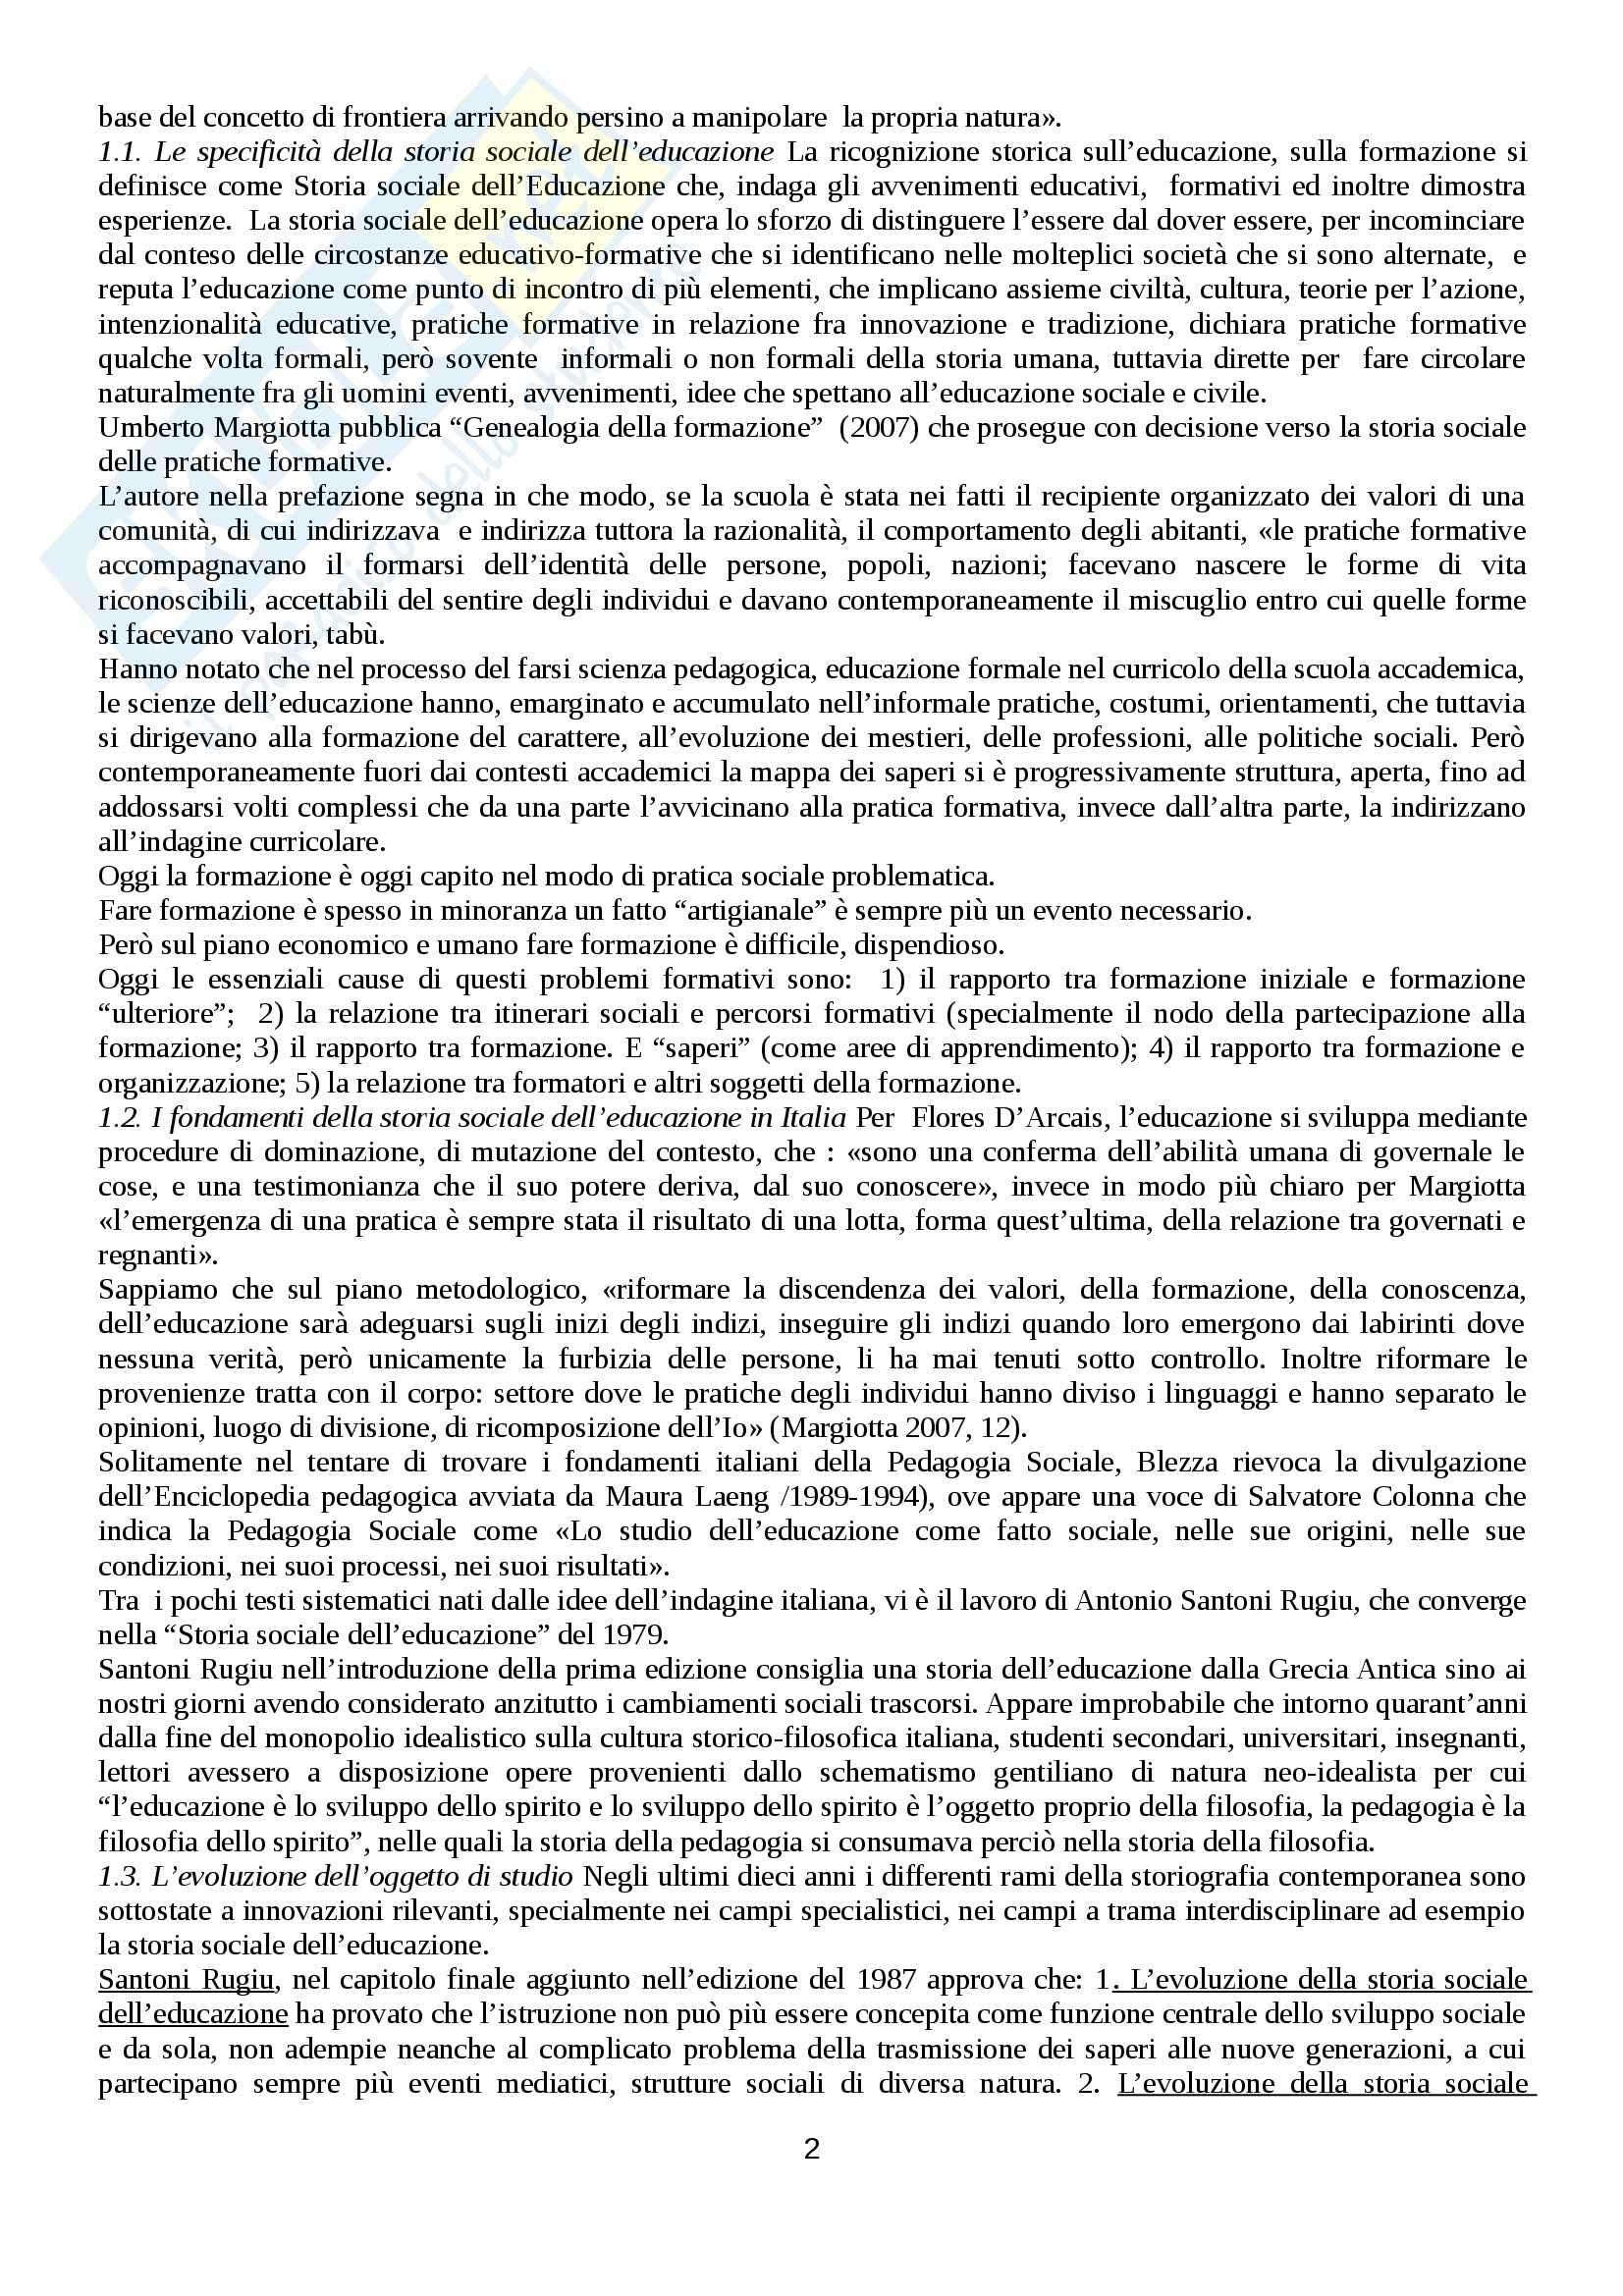 Riassunto esame Storia sociale dell'educazione, prof. Minello Pag. 2